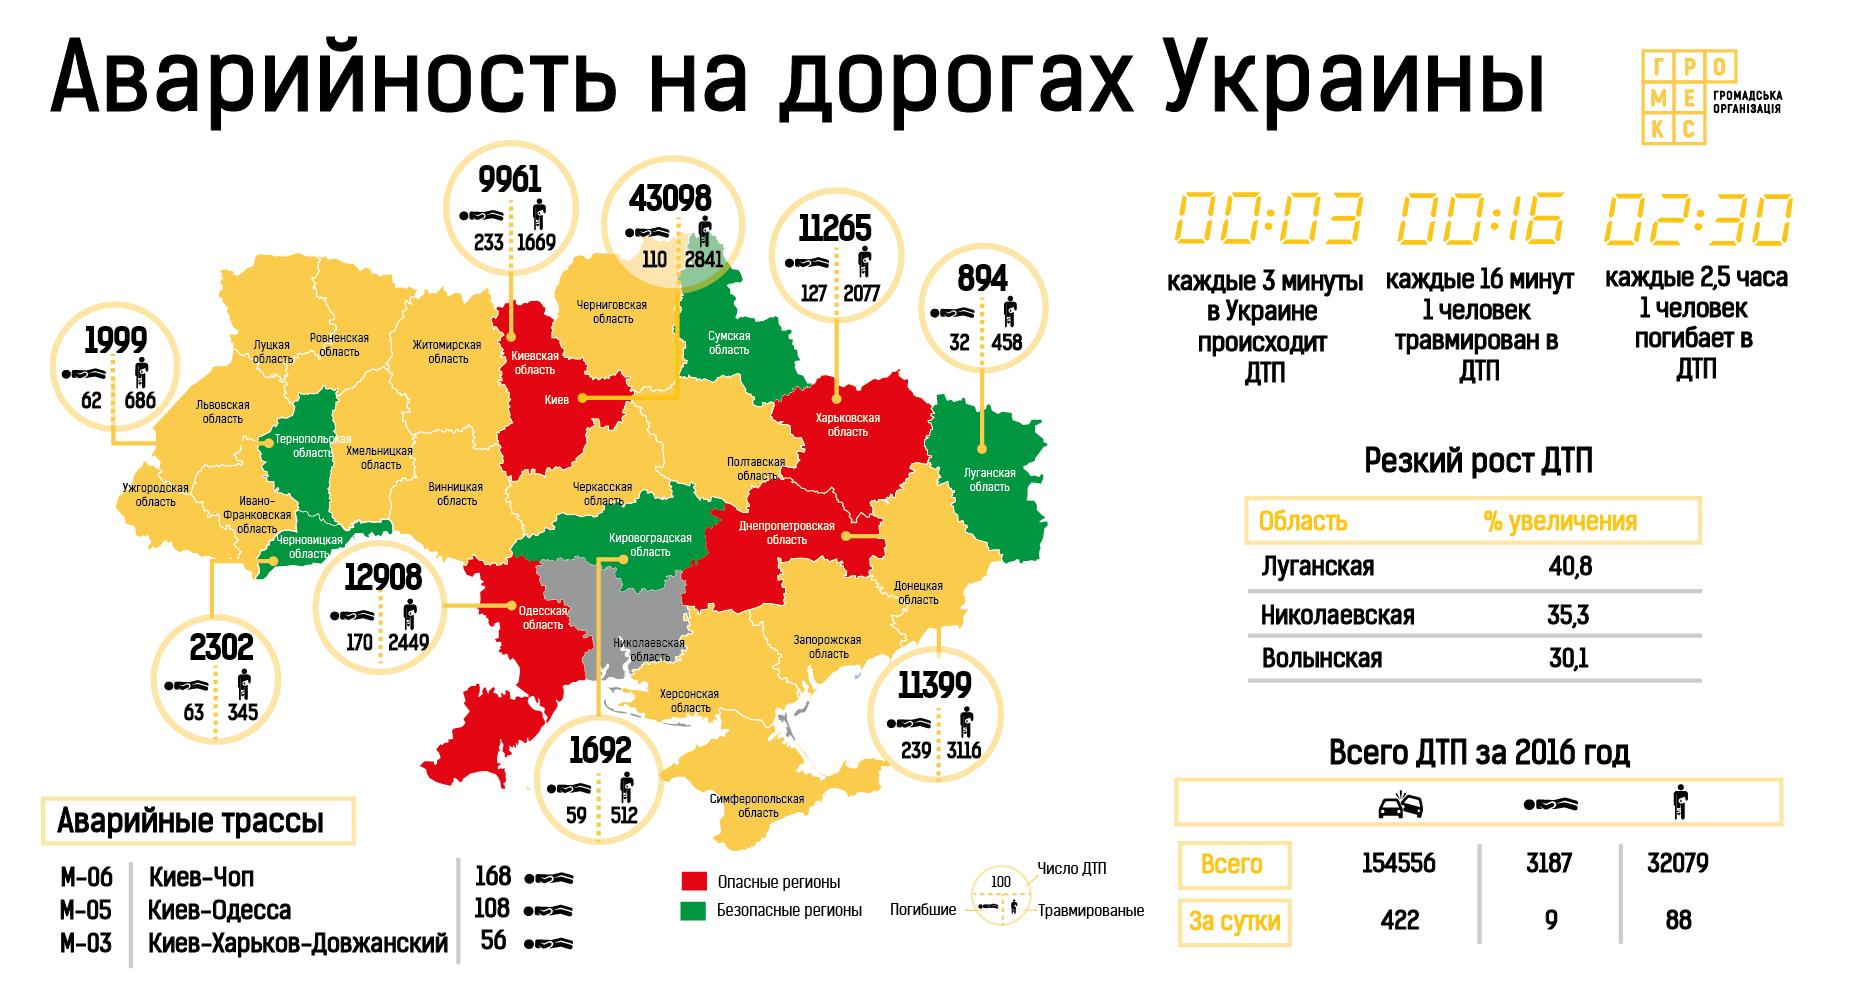 ДТП в Харькове: Водитель насмерть сбил женщину и скрылся с места происшествия - Цензор.НЕТ 7561